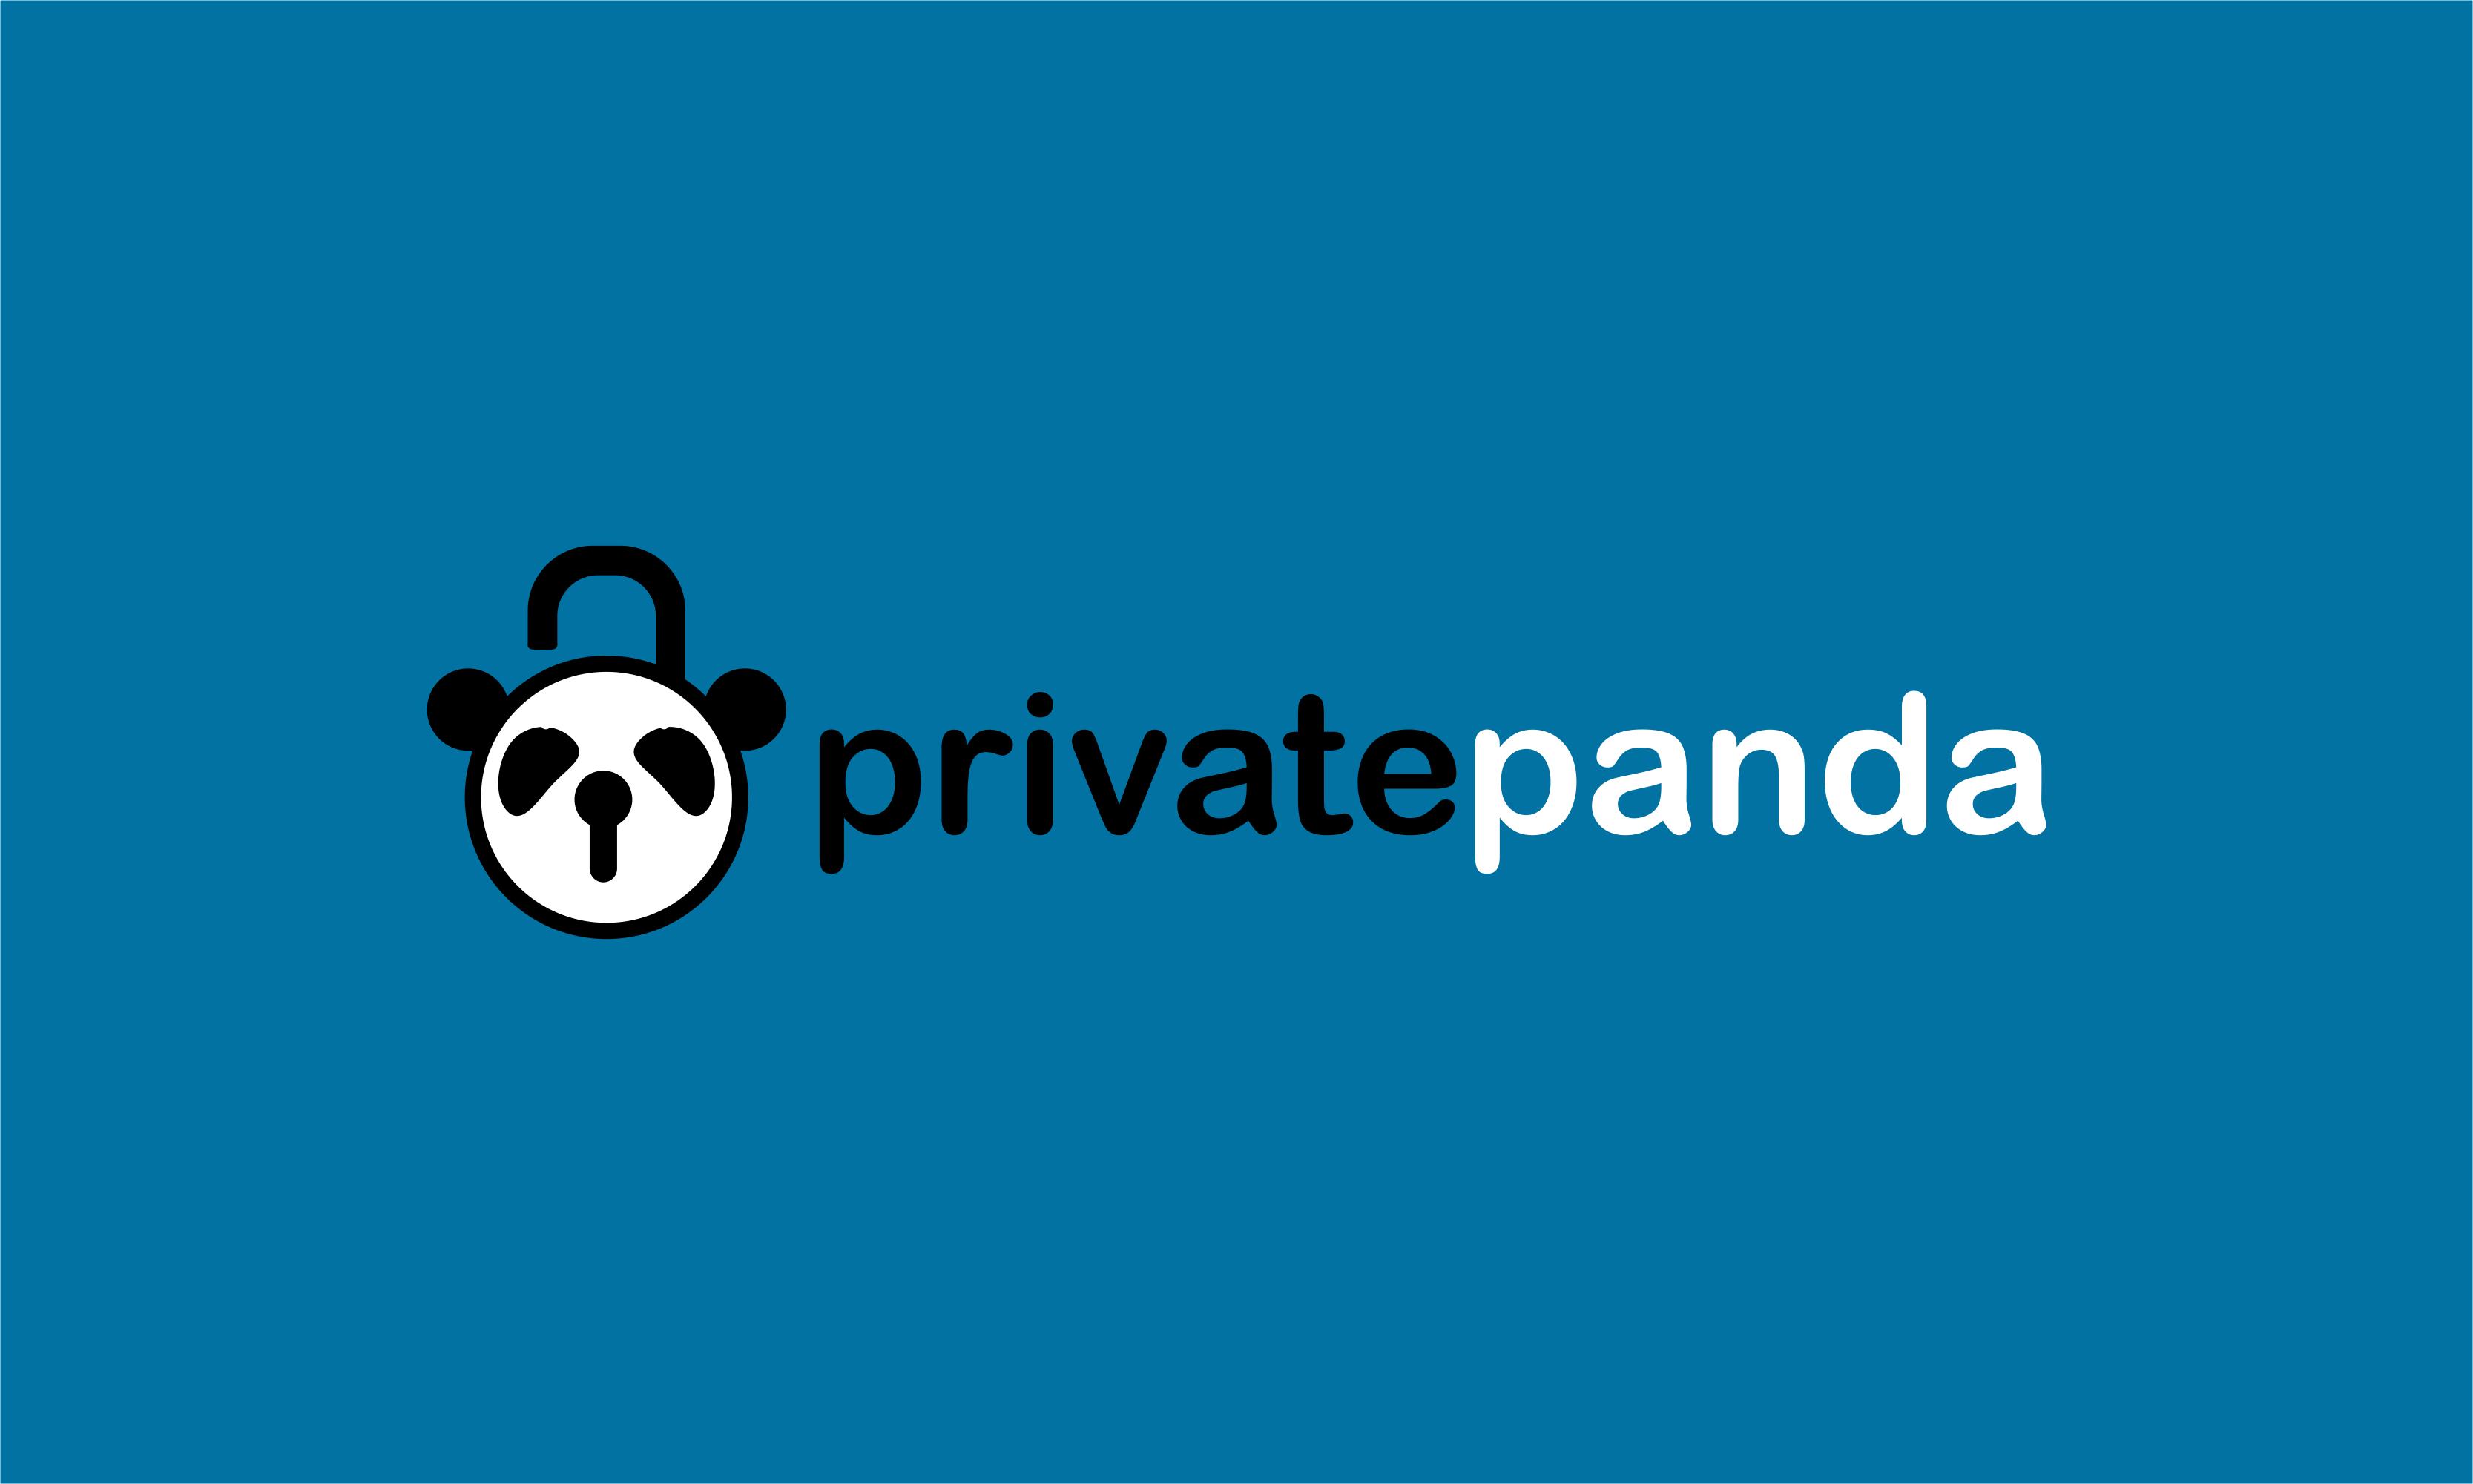 Privatepanda